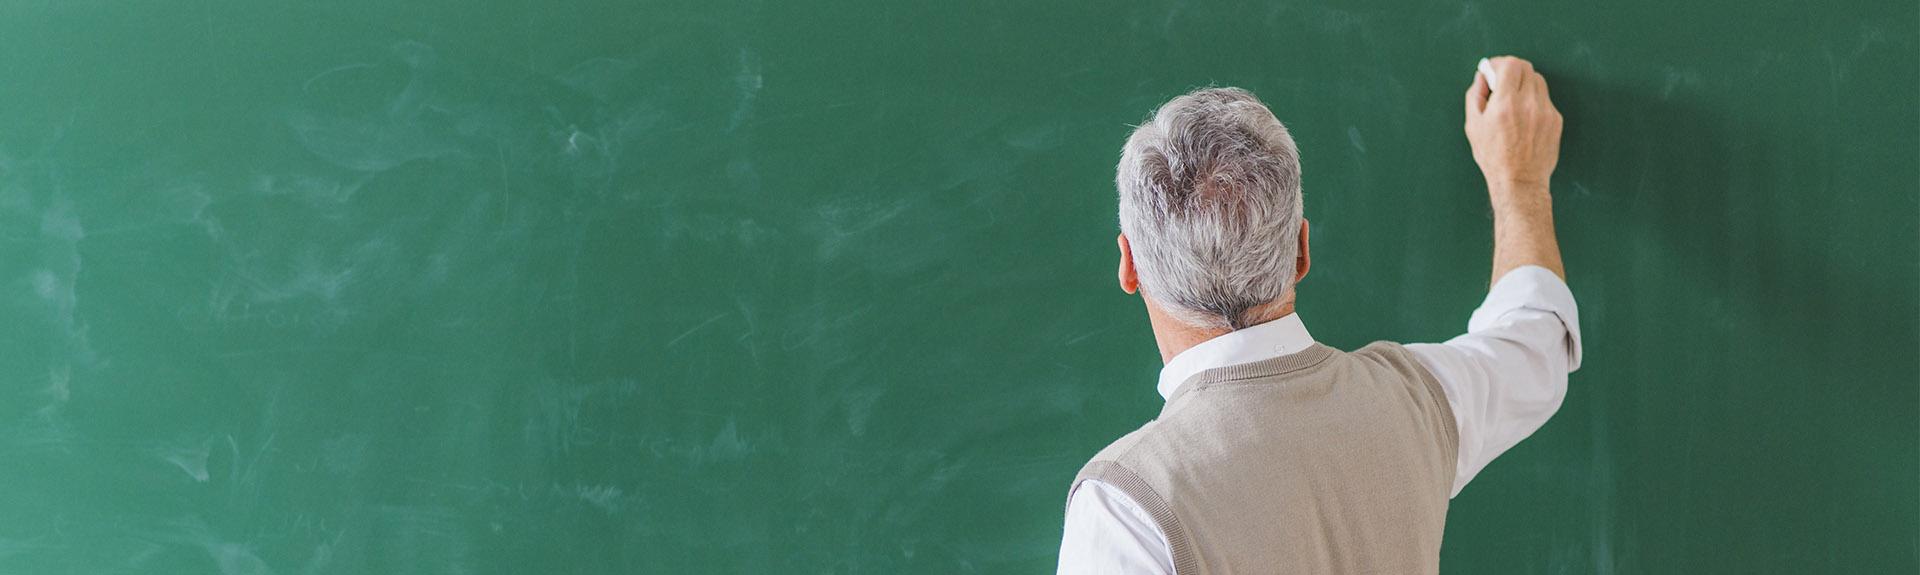 Enseignant chercheur écrivant sur un tableau